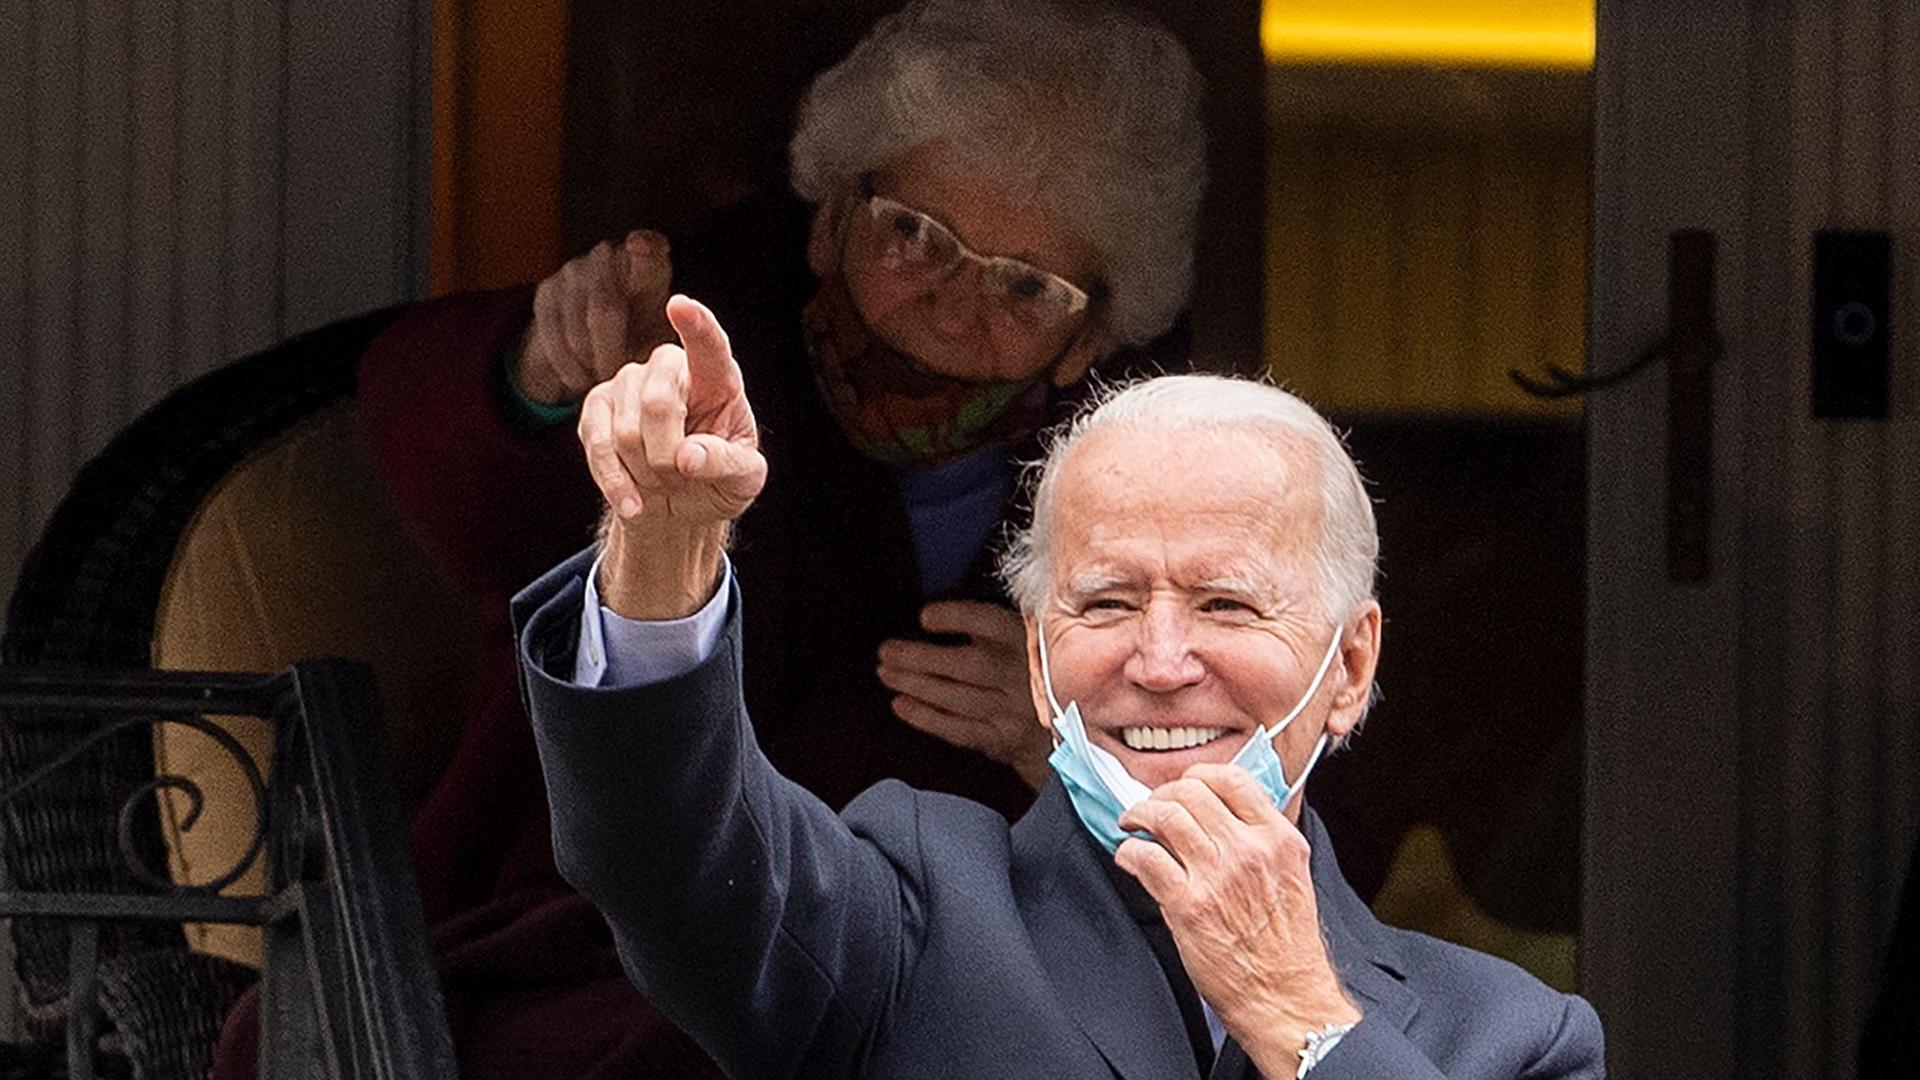 Herausforderer Joe Biden steht vor seinem Elternhaus in Scranton/Pennsylvania. Zukünftig möchte er im Weißen Haus residieren.